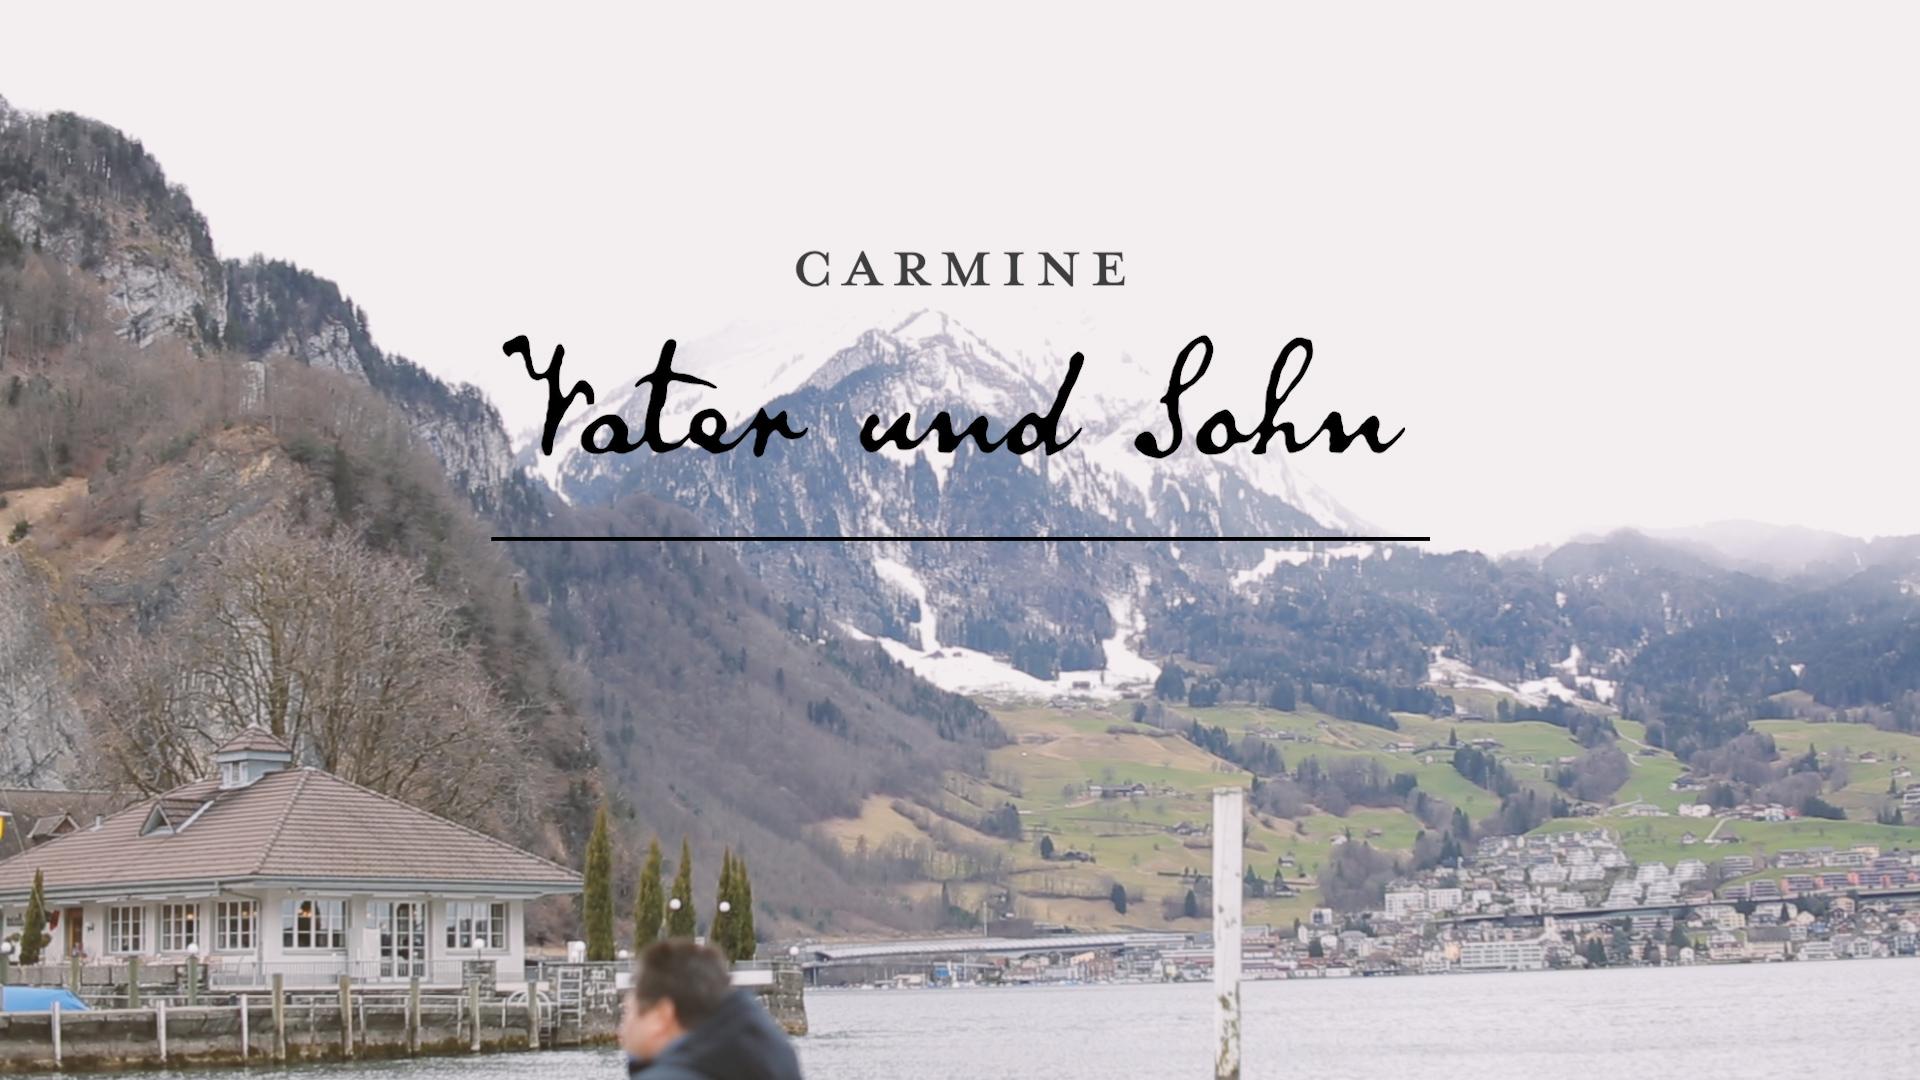 Dorf in den Bergen, See als Titelbild für Zeugnis Carmine - Vater und Sohn